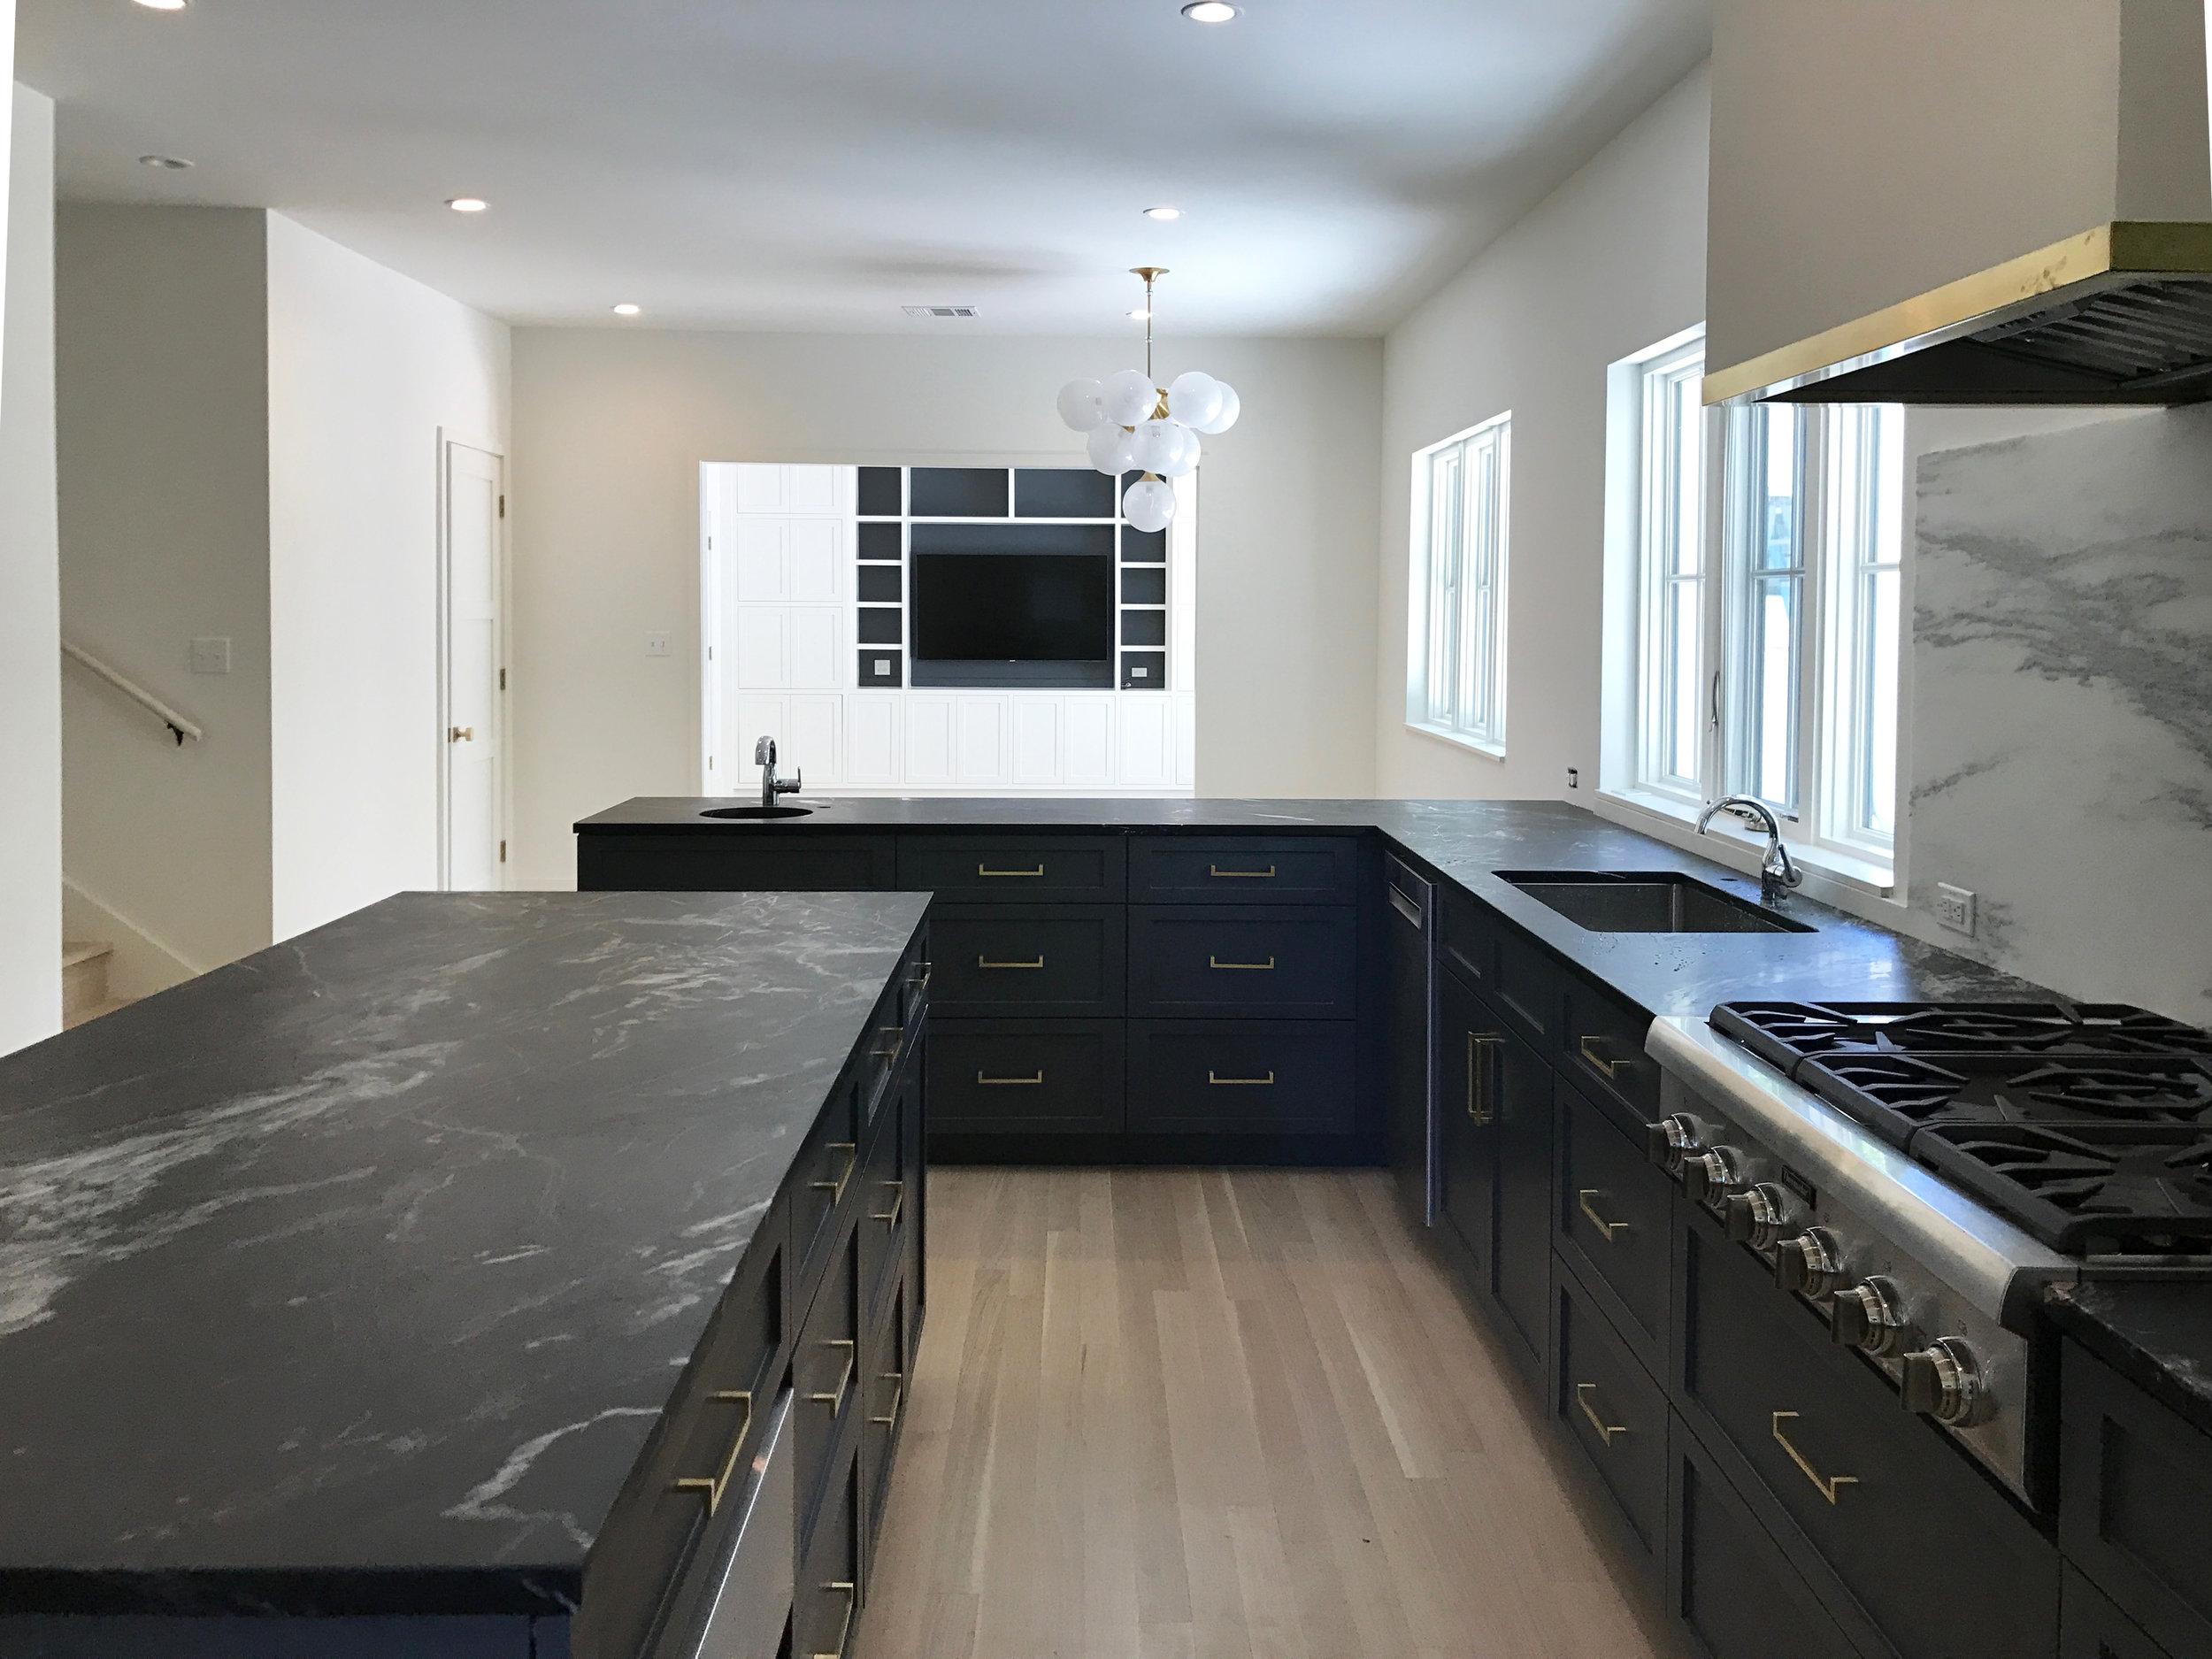 Elizabeth-Baird-Architecture-Southill Circle-kitchen2.jpg